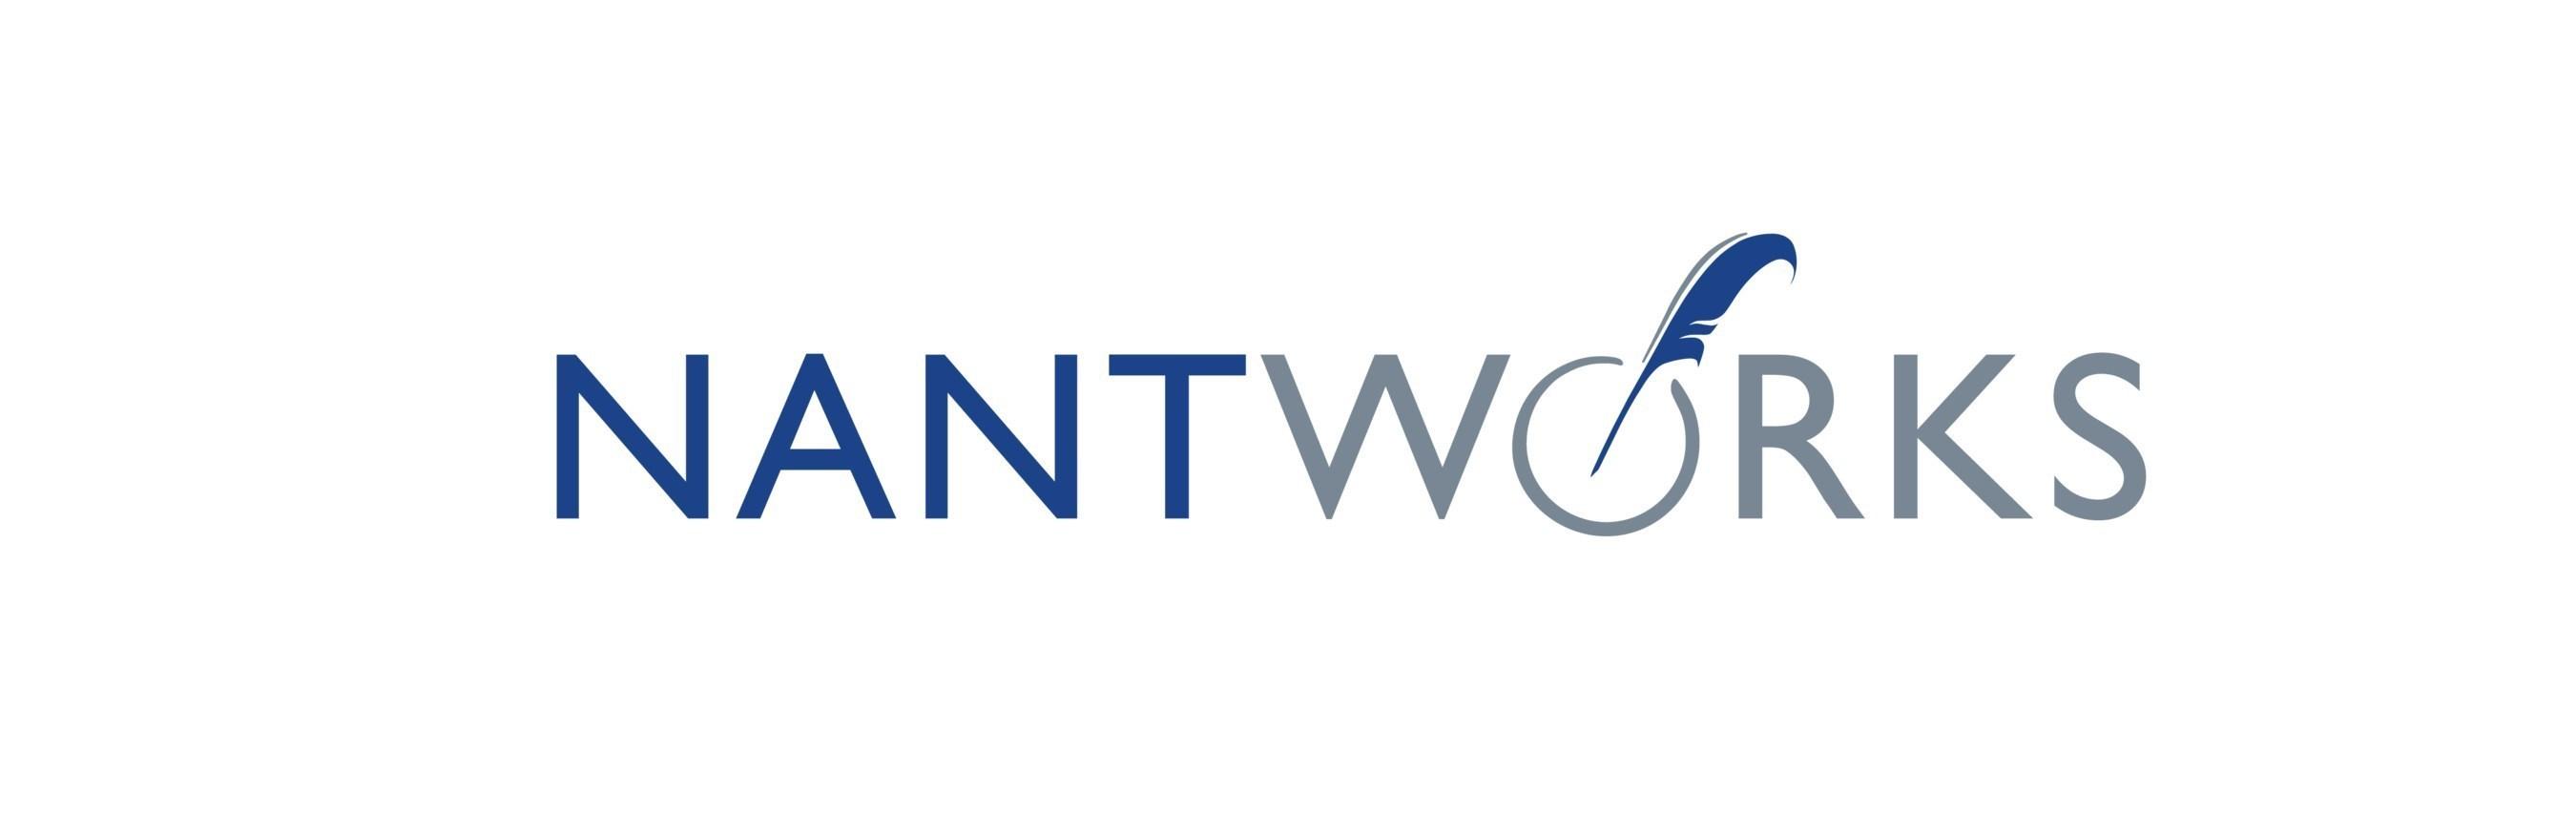 NantWorks